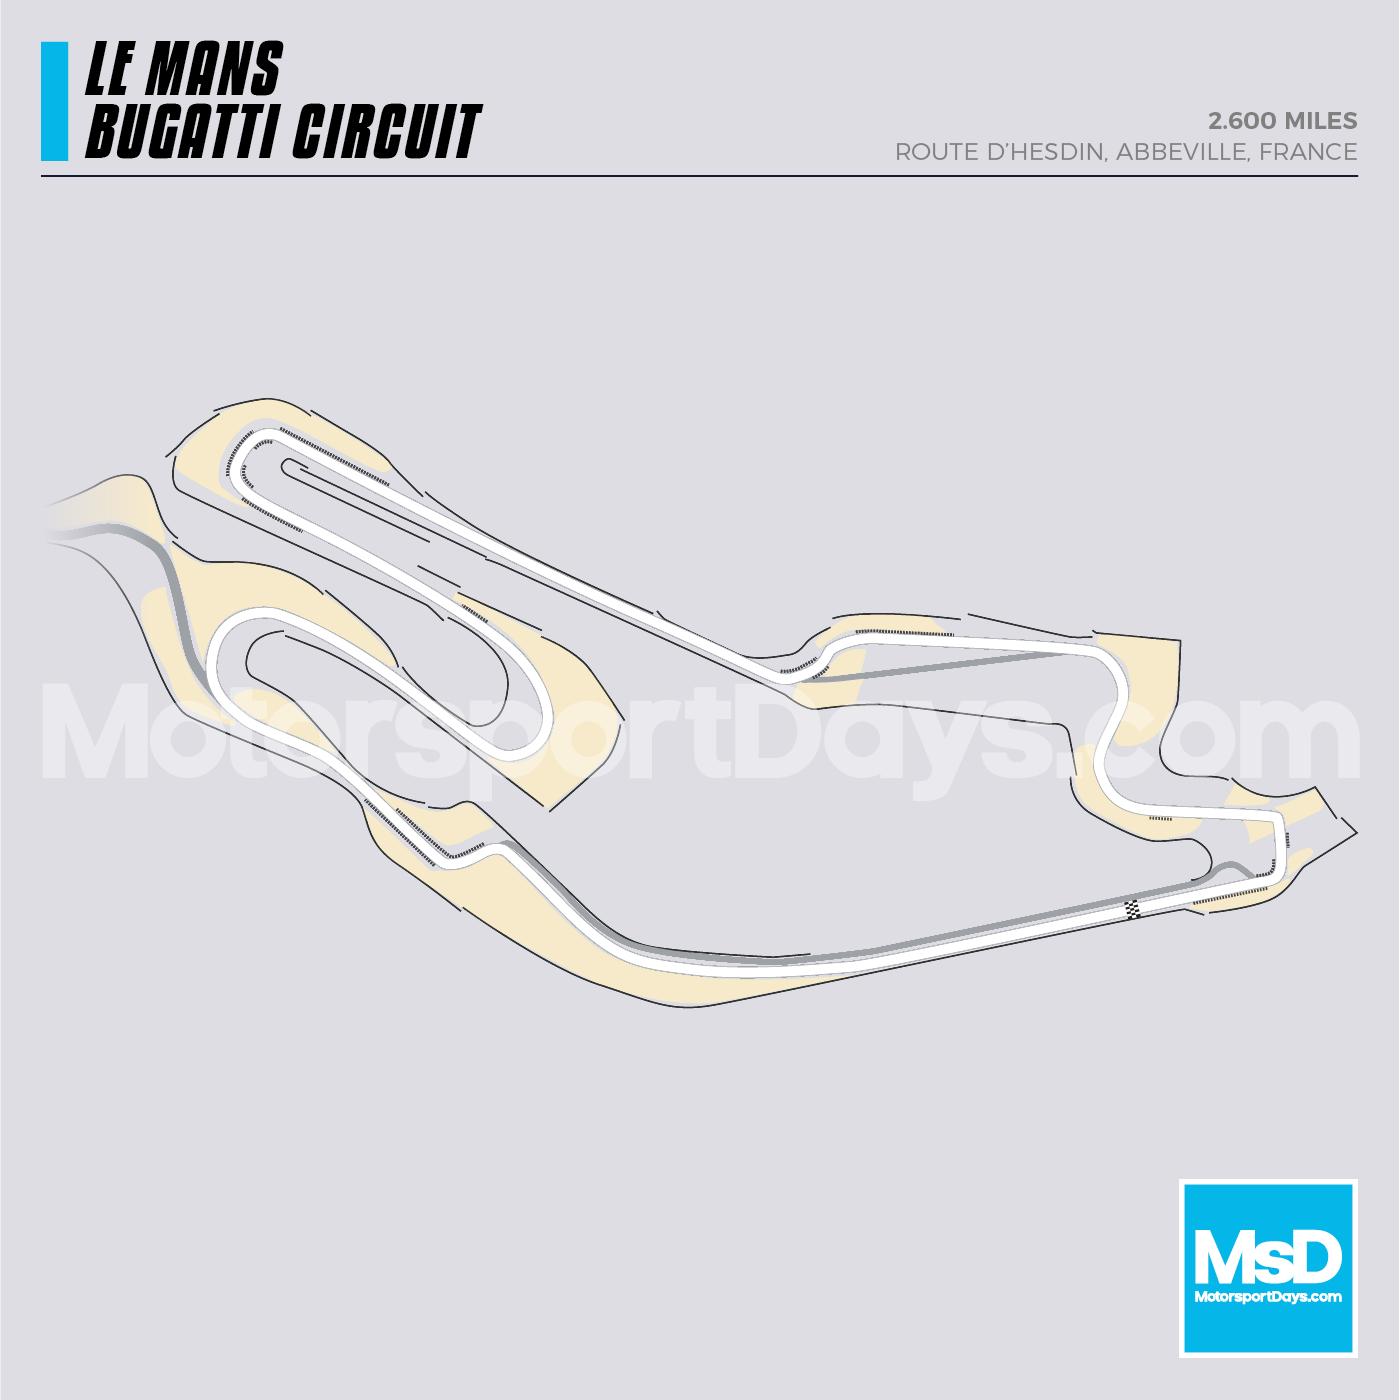 Le Mans Bugatti-Circuit-track-map